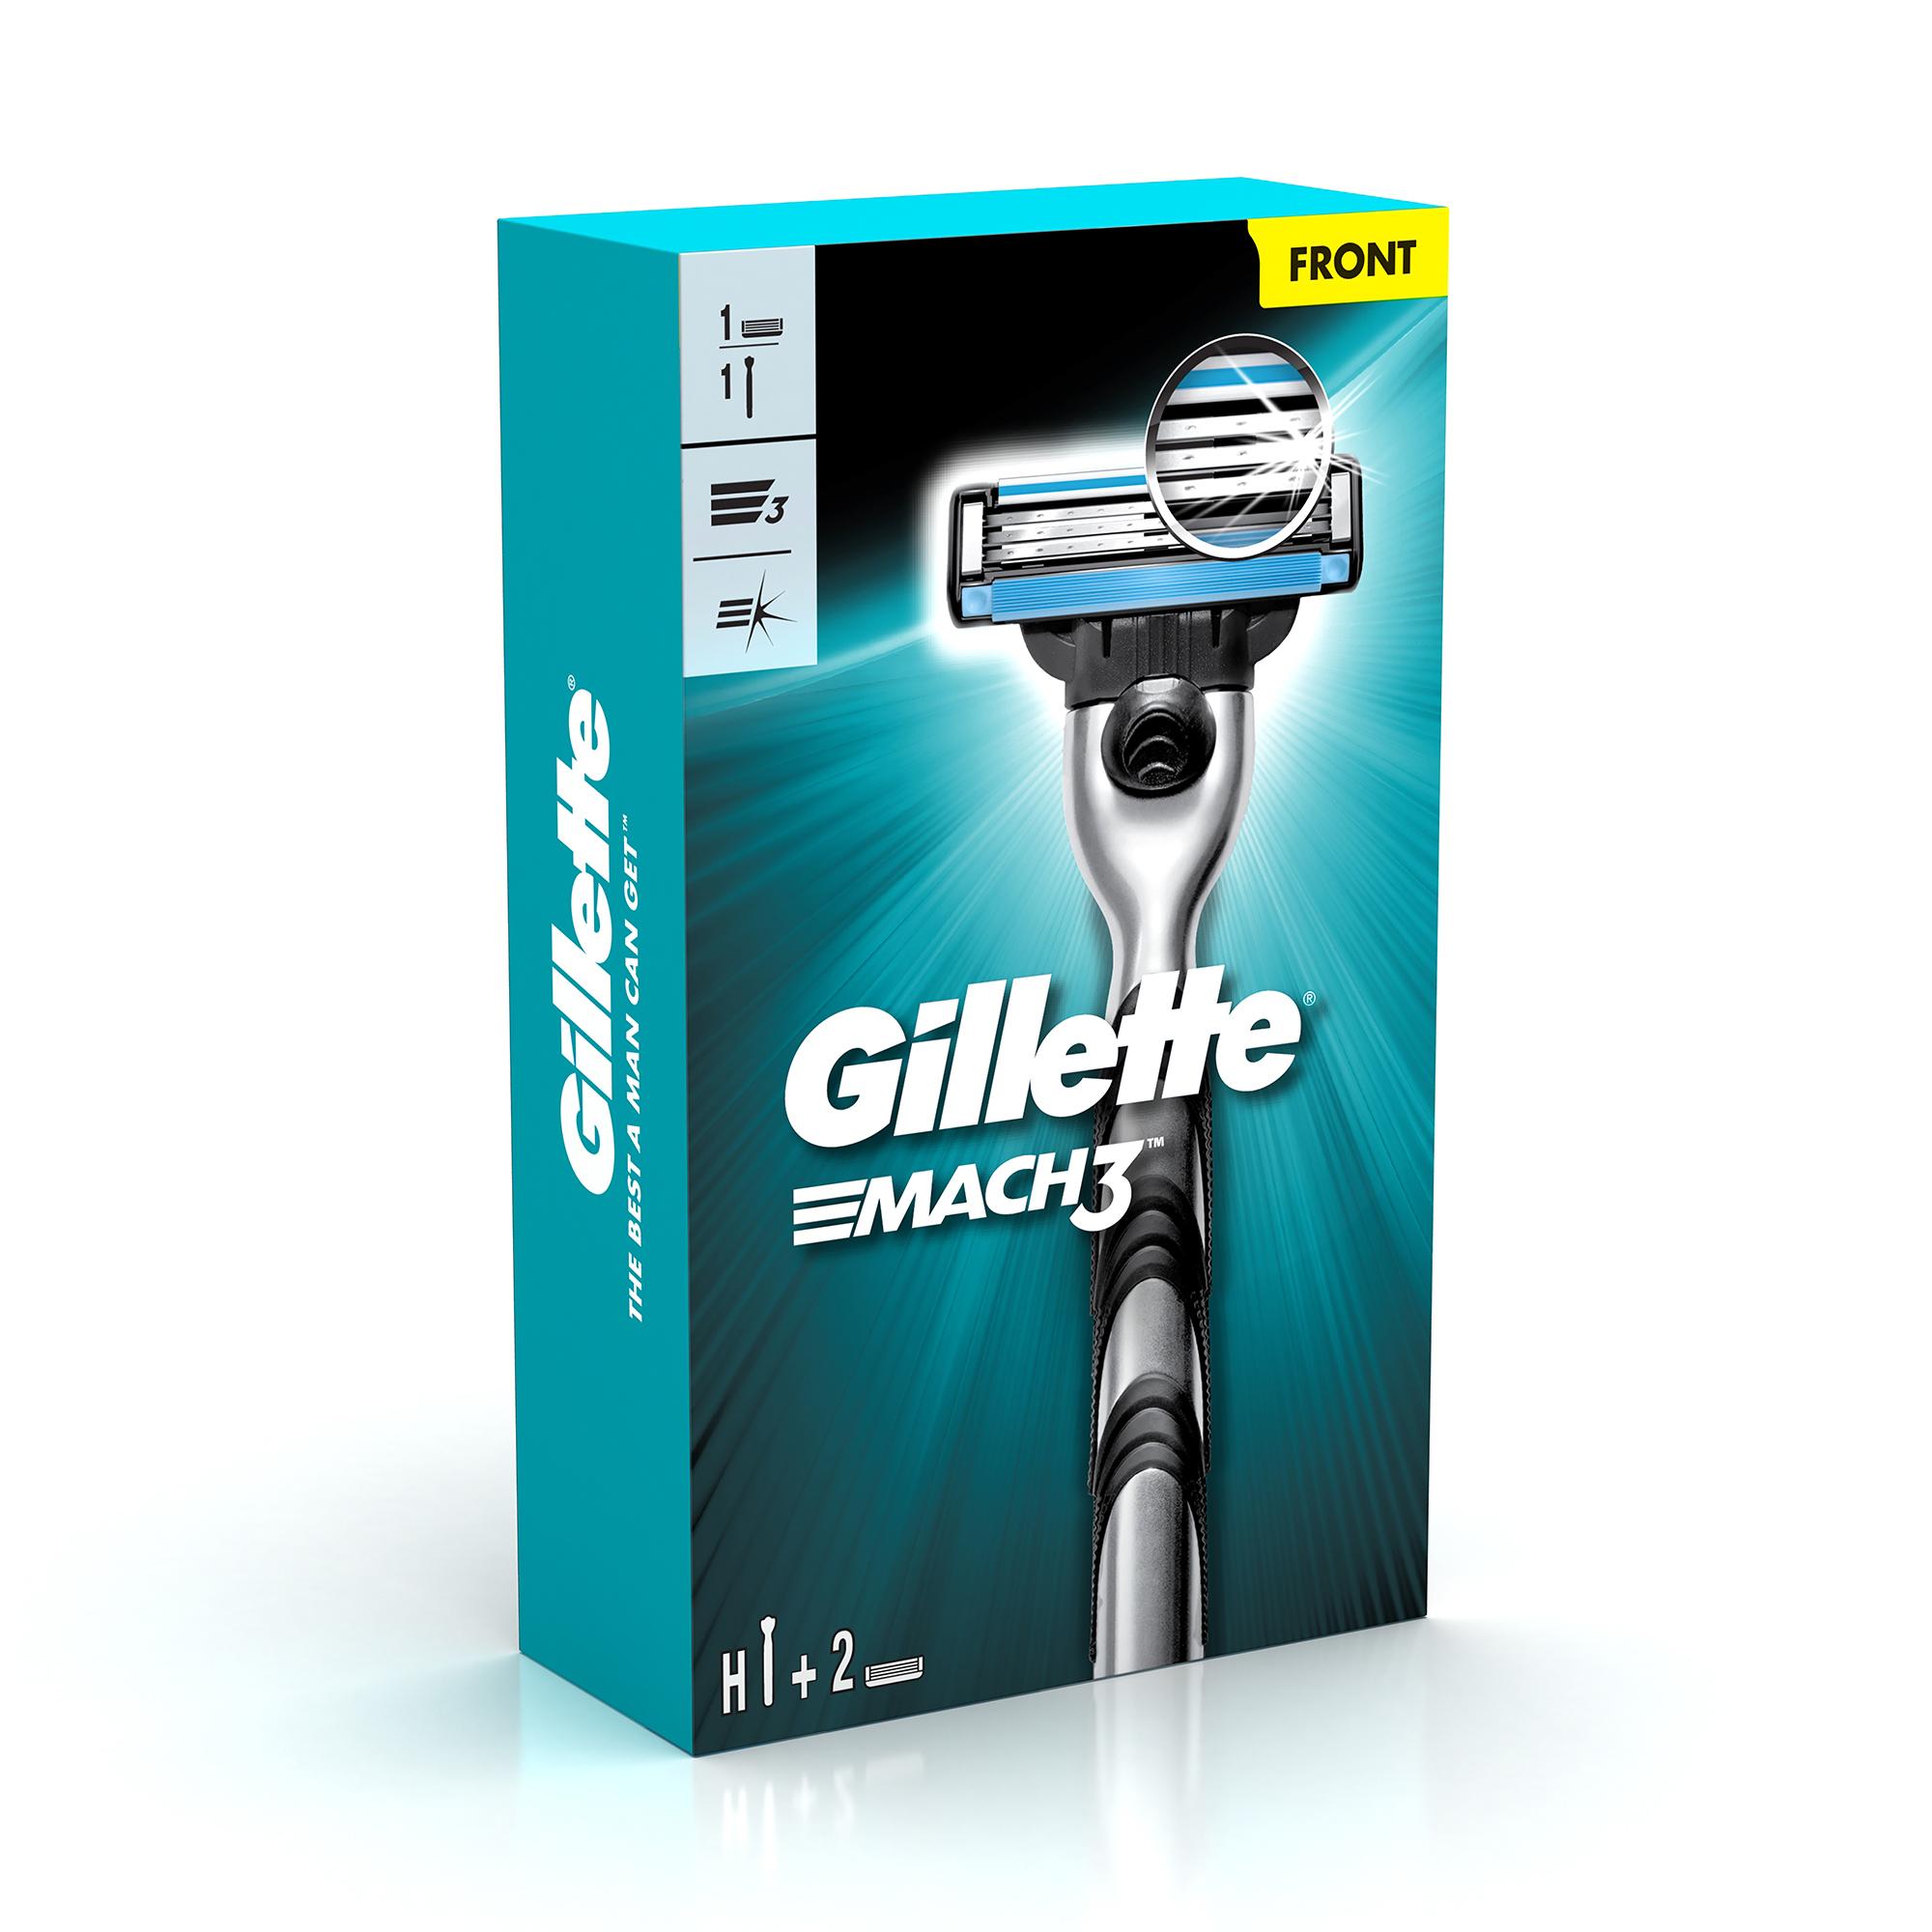 Mach3 razor + 1 Shaving Blade - Gillette